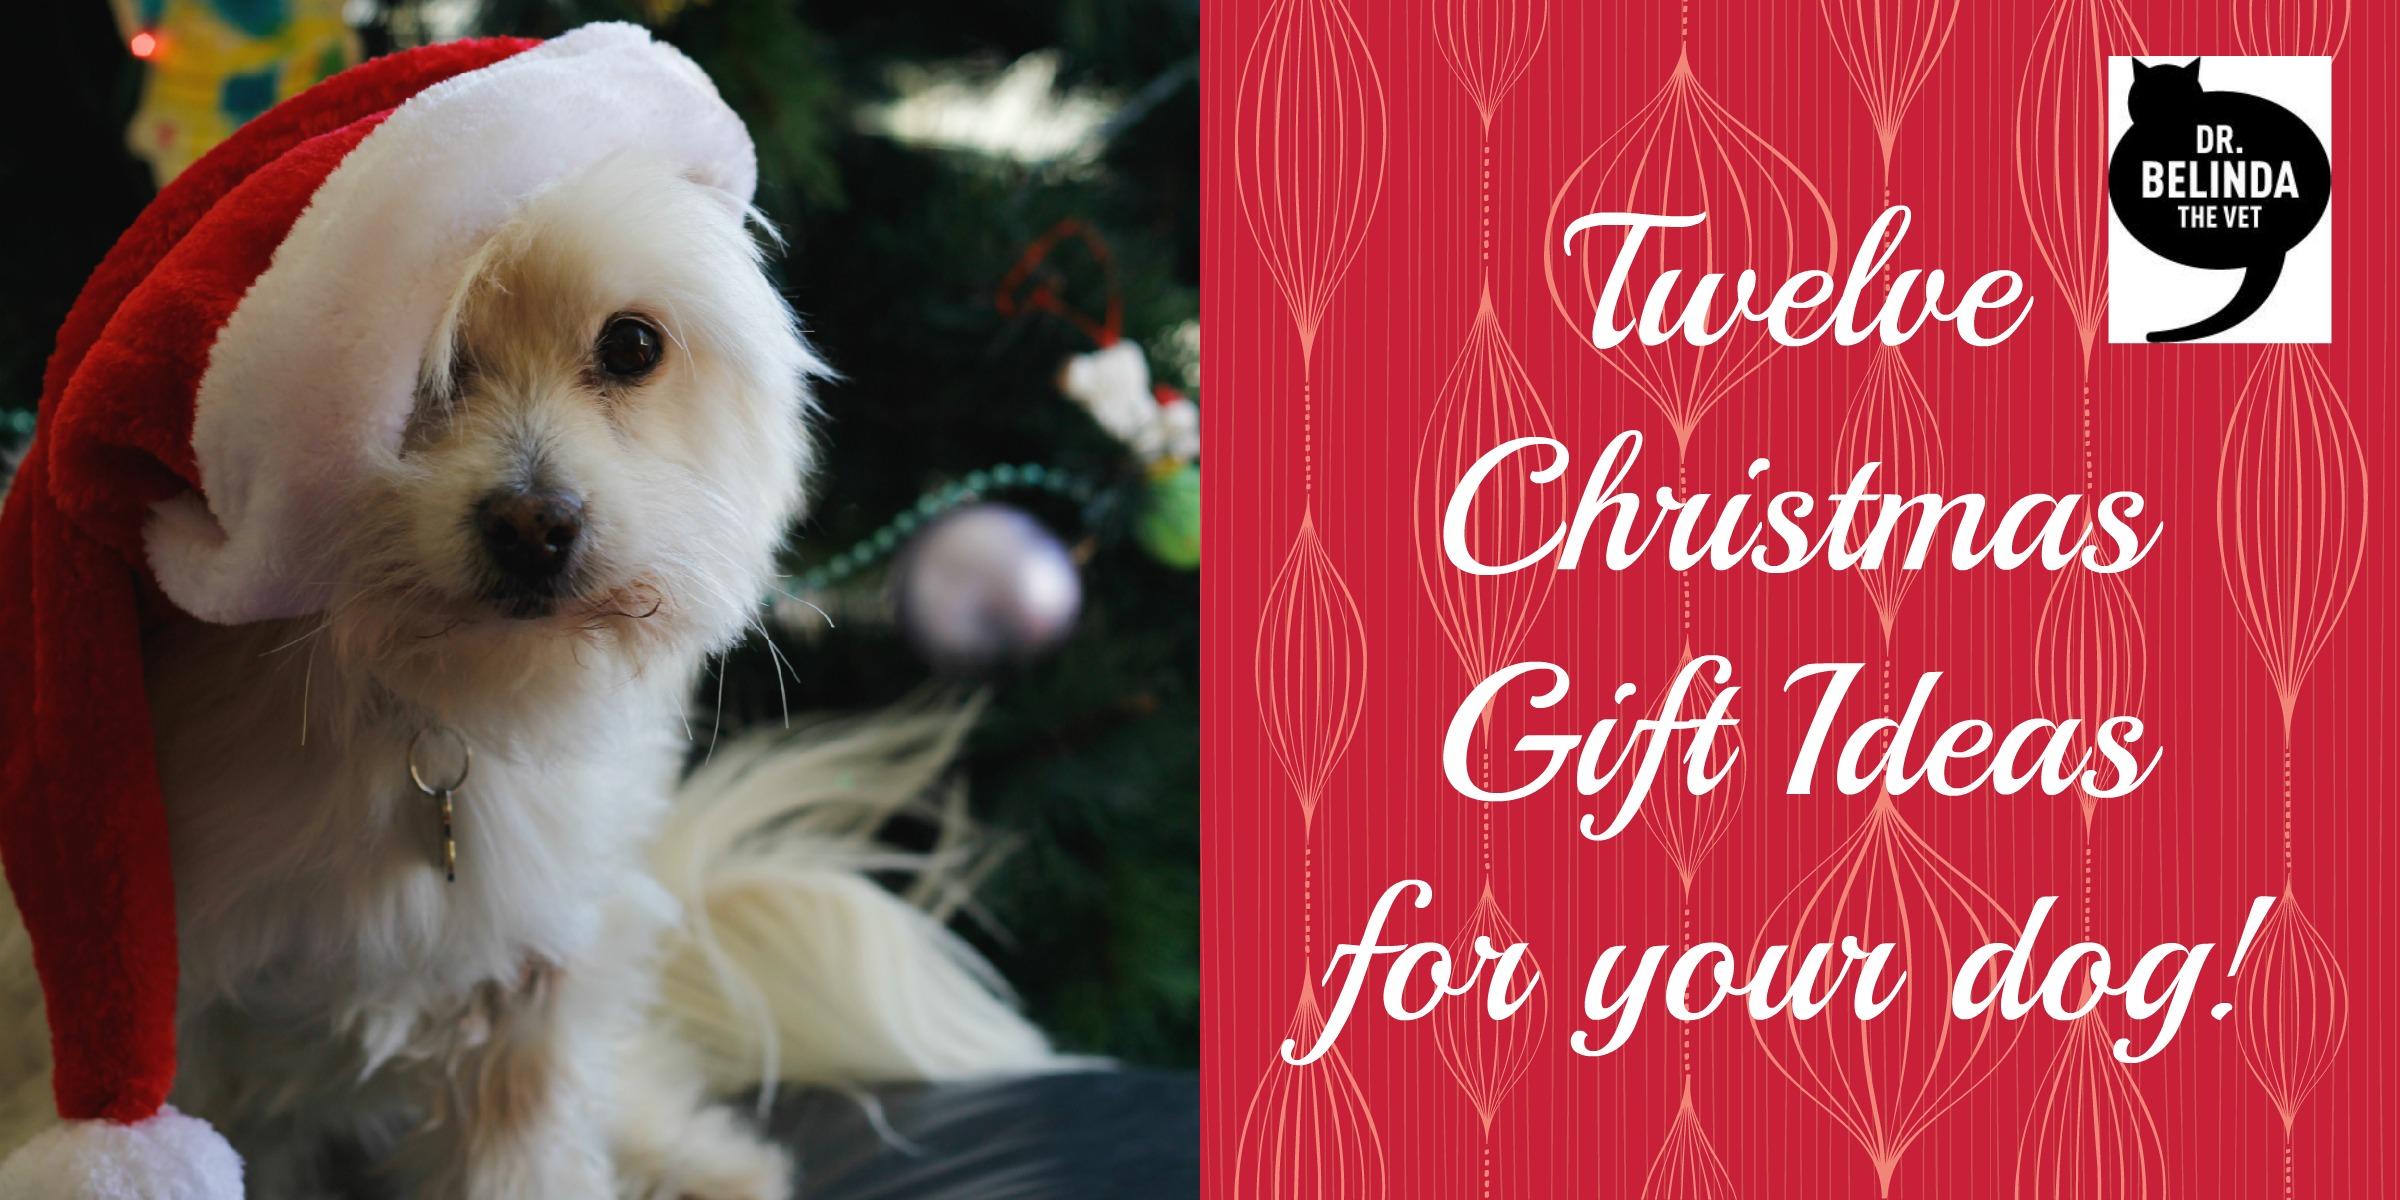 12 Christmas gift ideas for your dog - Dr Belinda The Vet